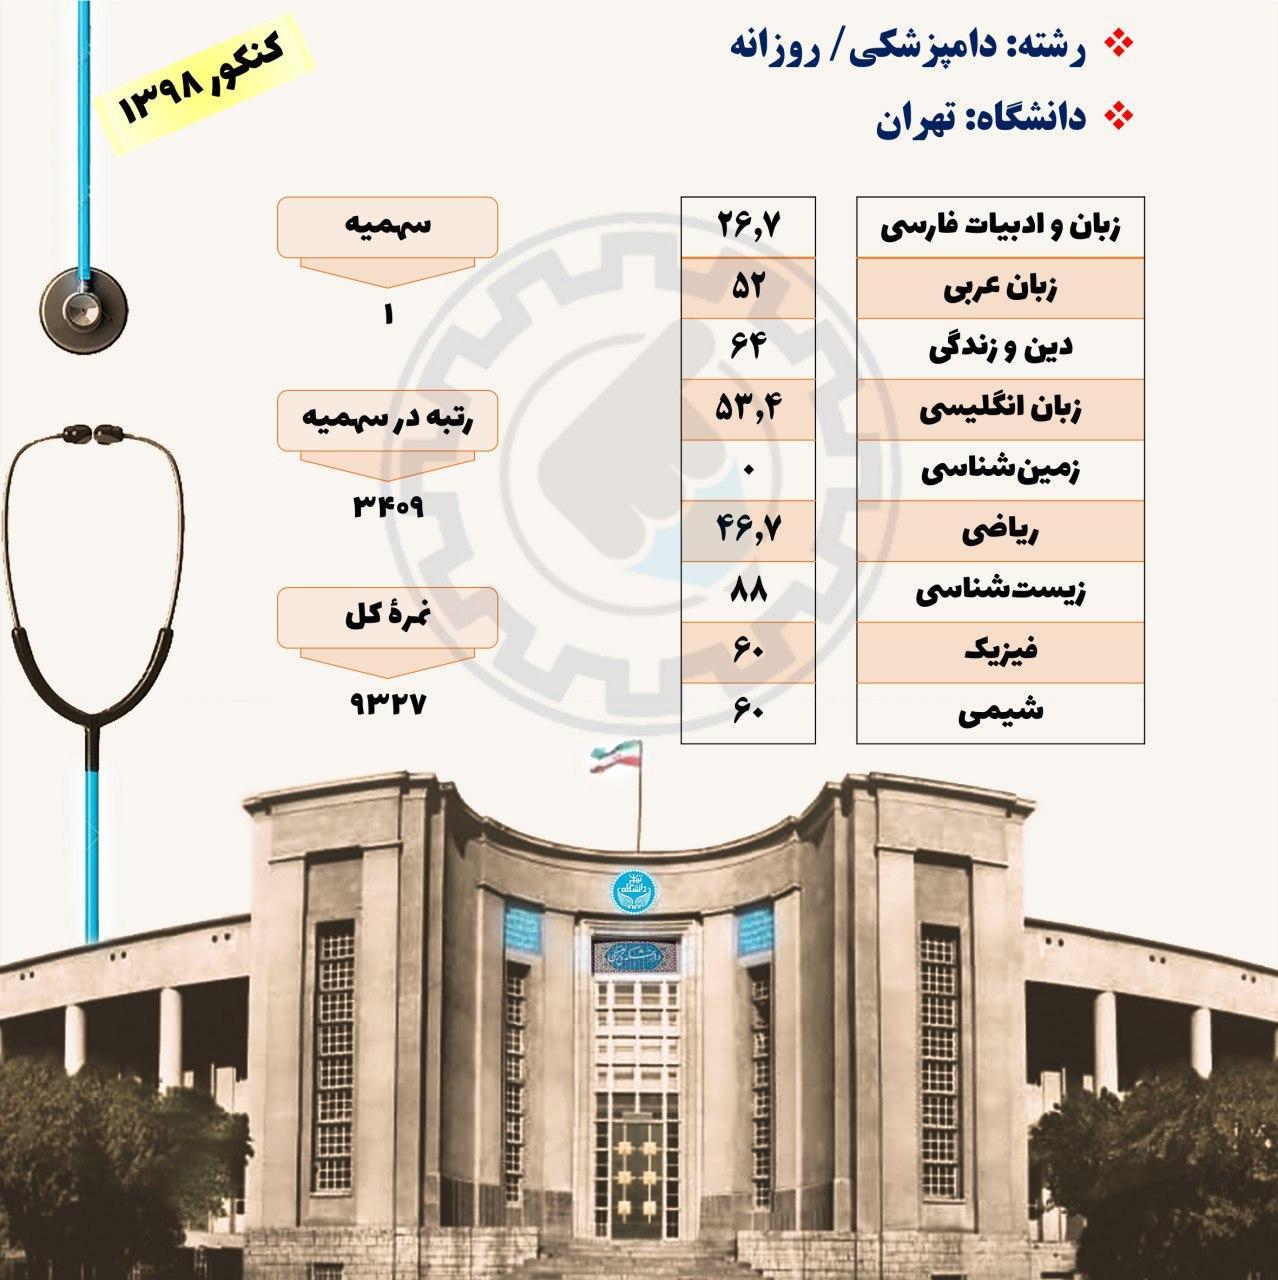 کارنامه قبولی دامپزشکی دانشگاه تهران